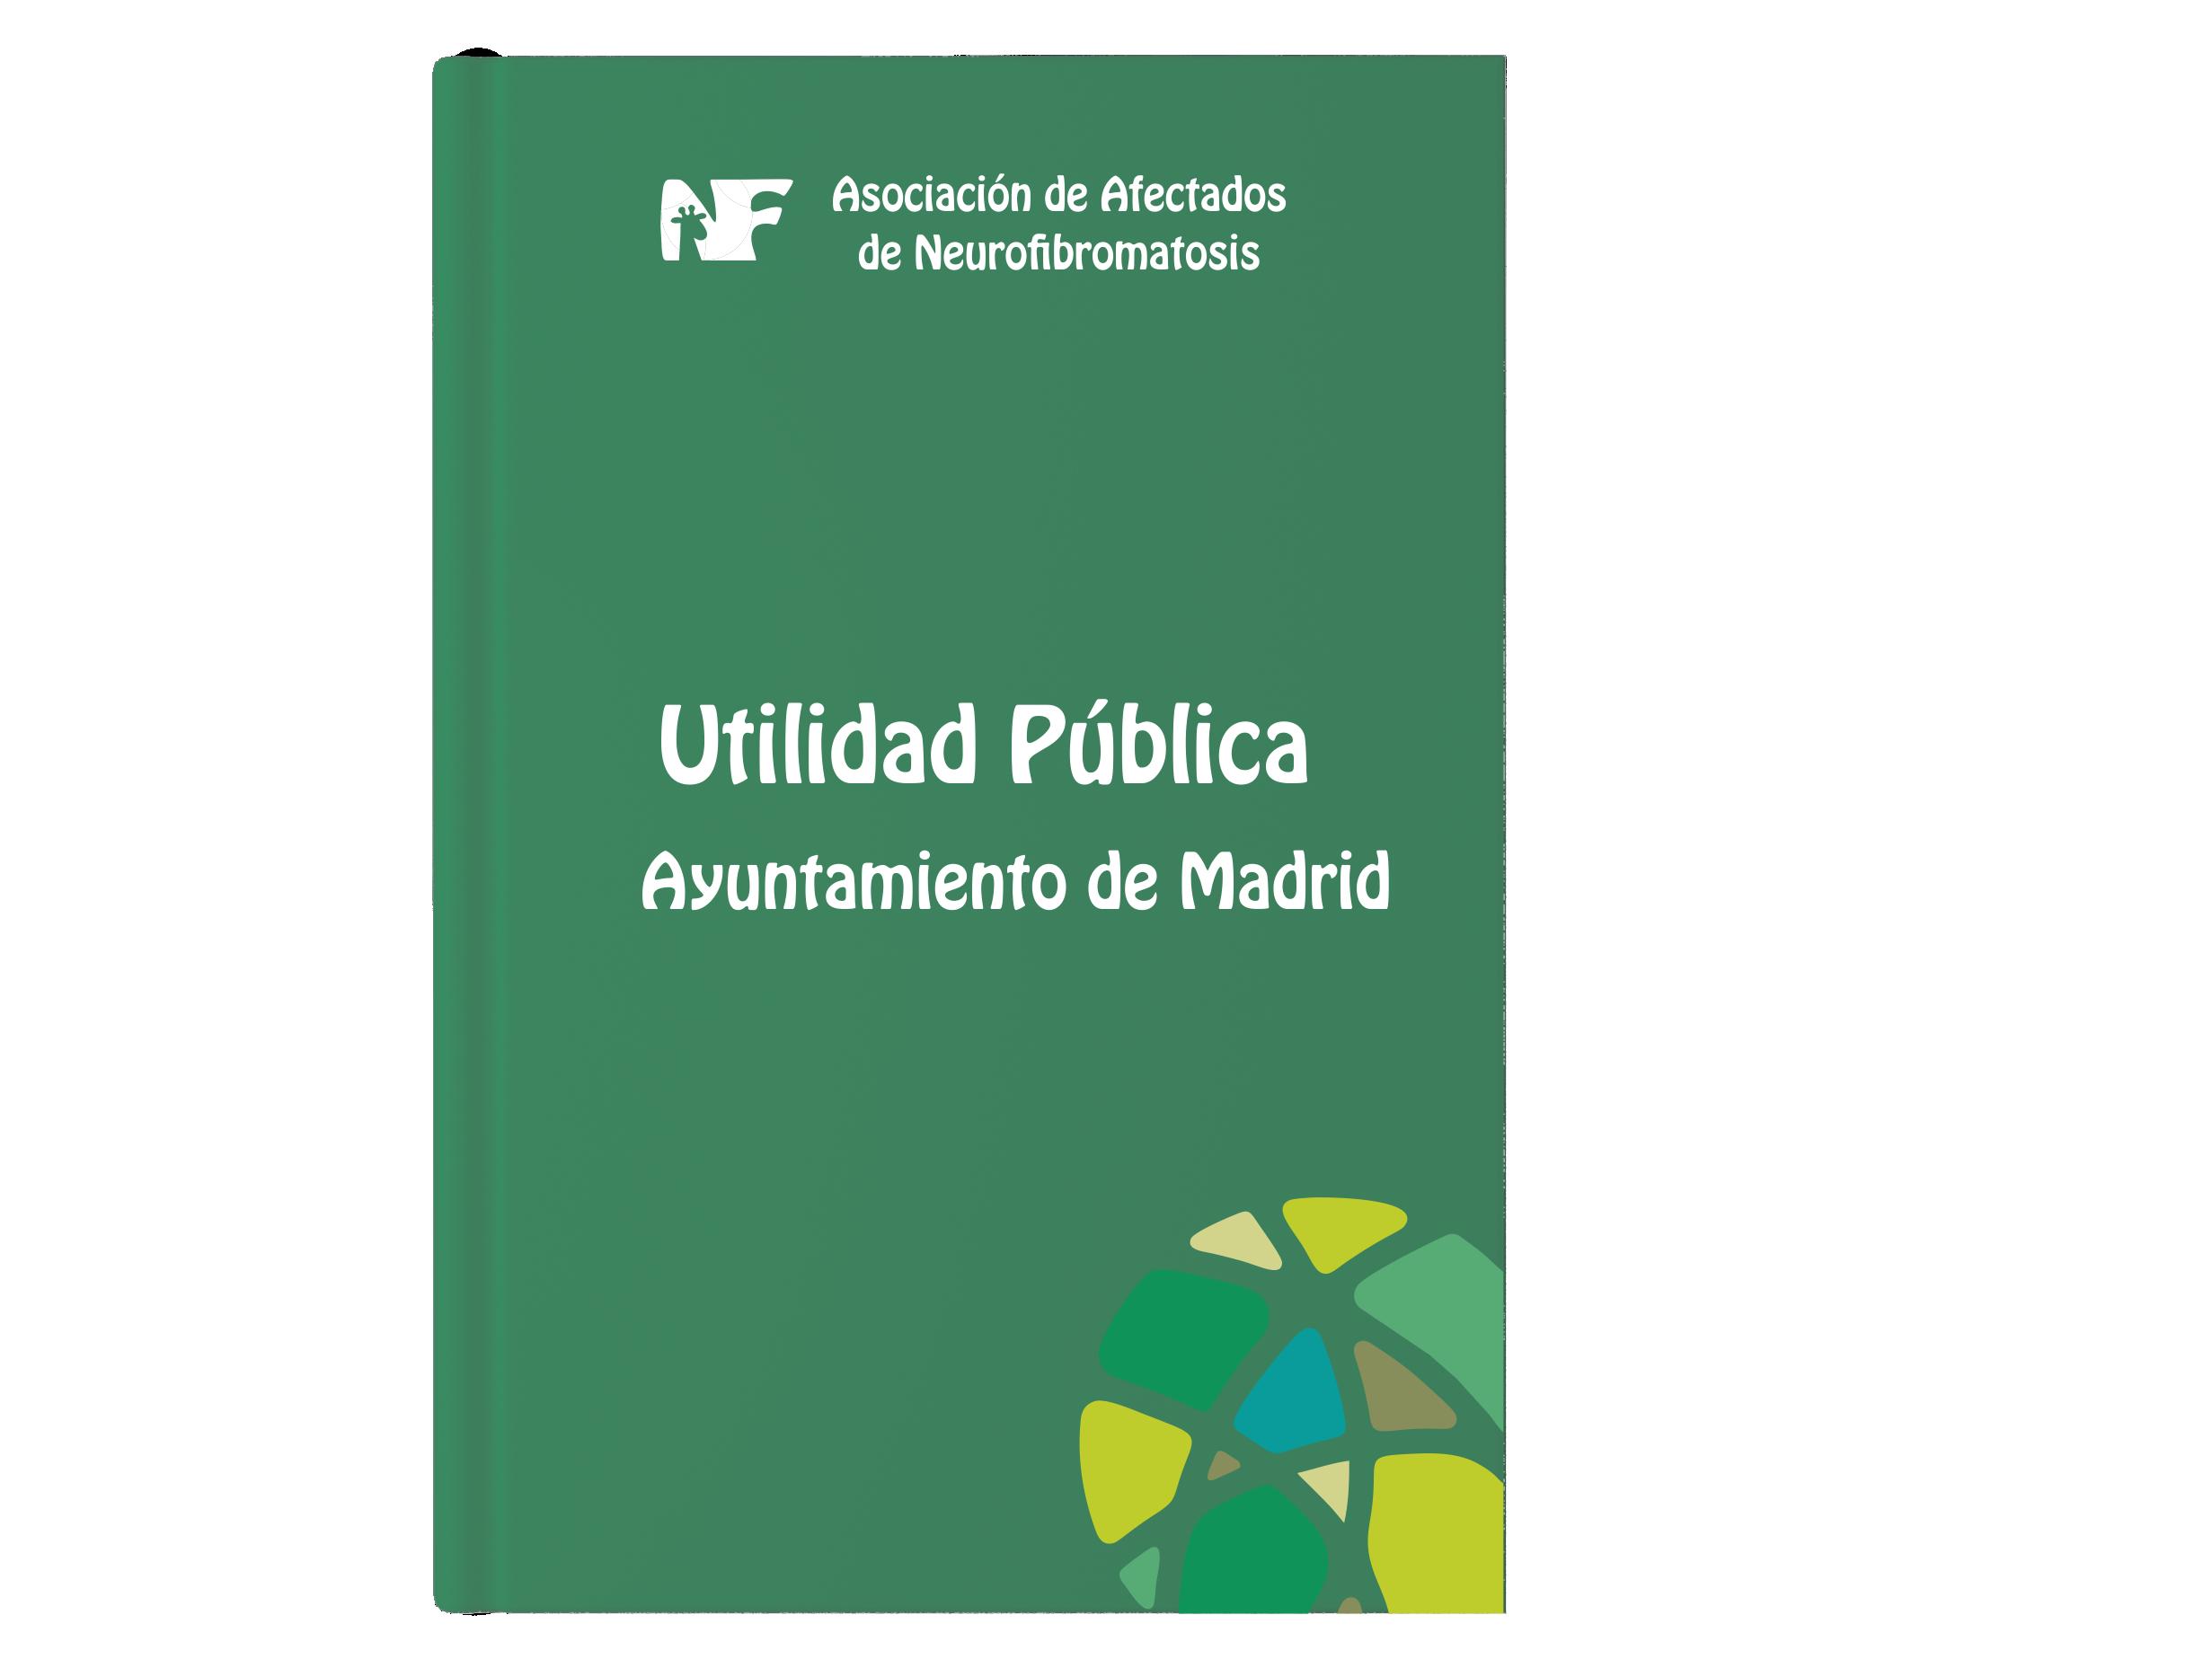 Utilidad Pública AANF Ayto. Madrid